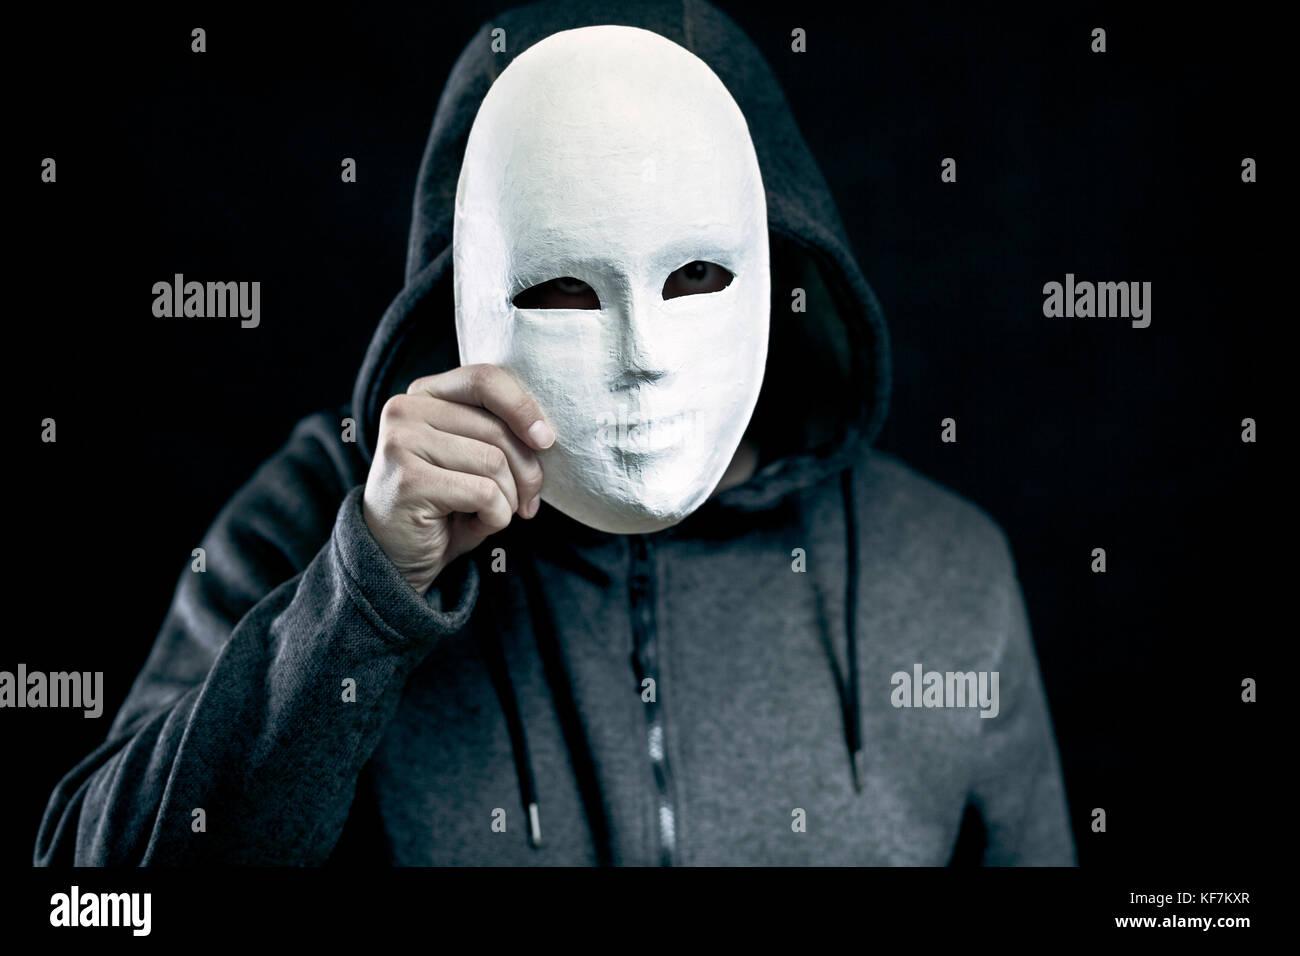 Uomo con maschera bianca per nascondere il suo volto Immagini Stock